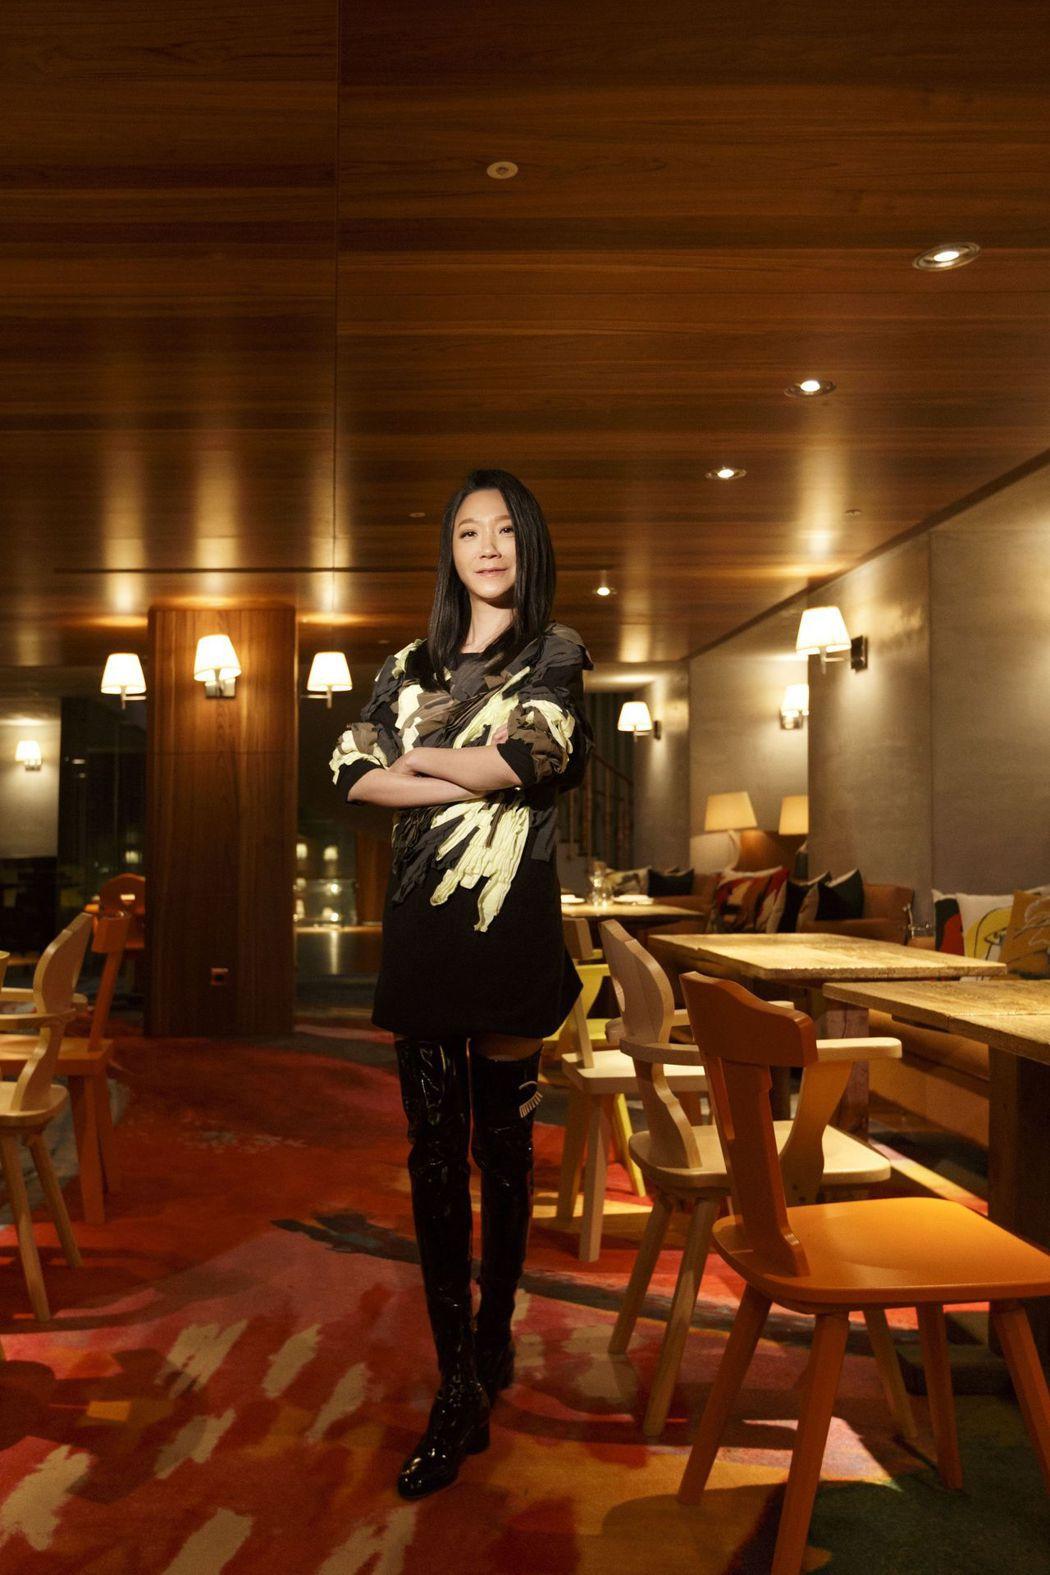 曲家瑞為S Hotel設計門面。圖/華研提供